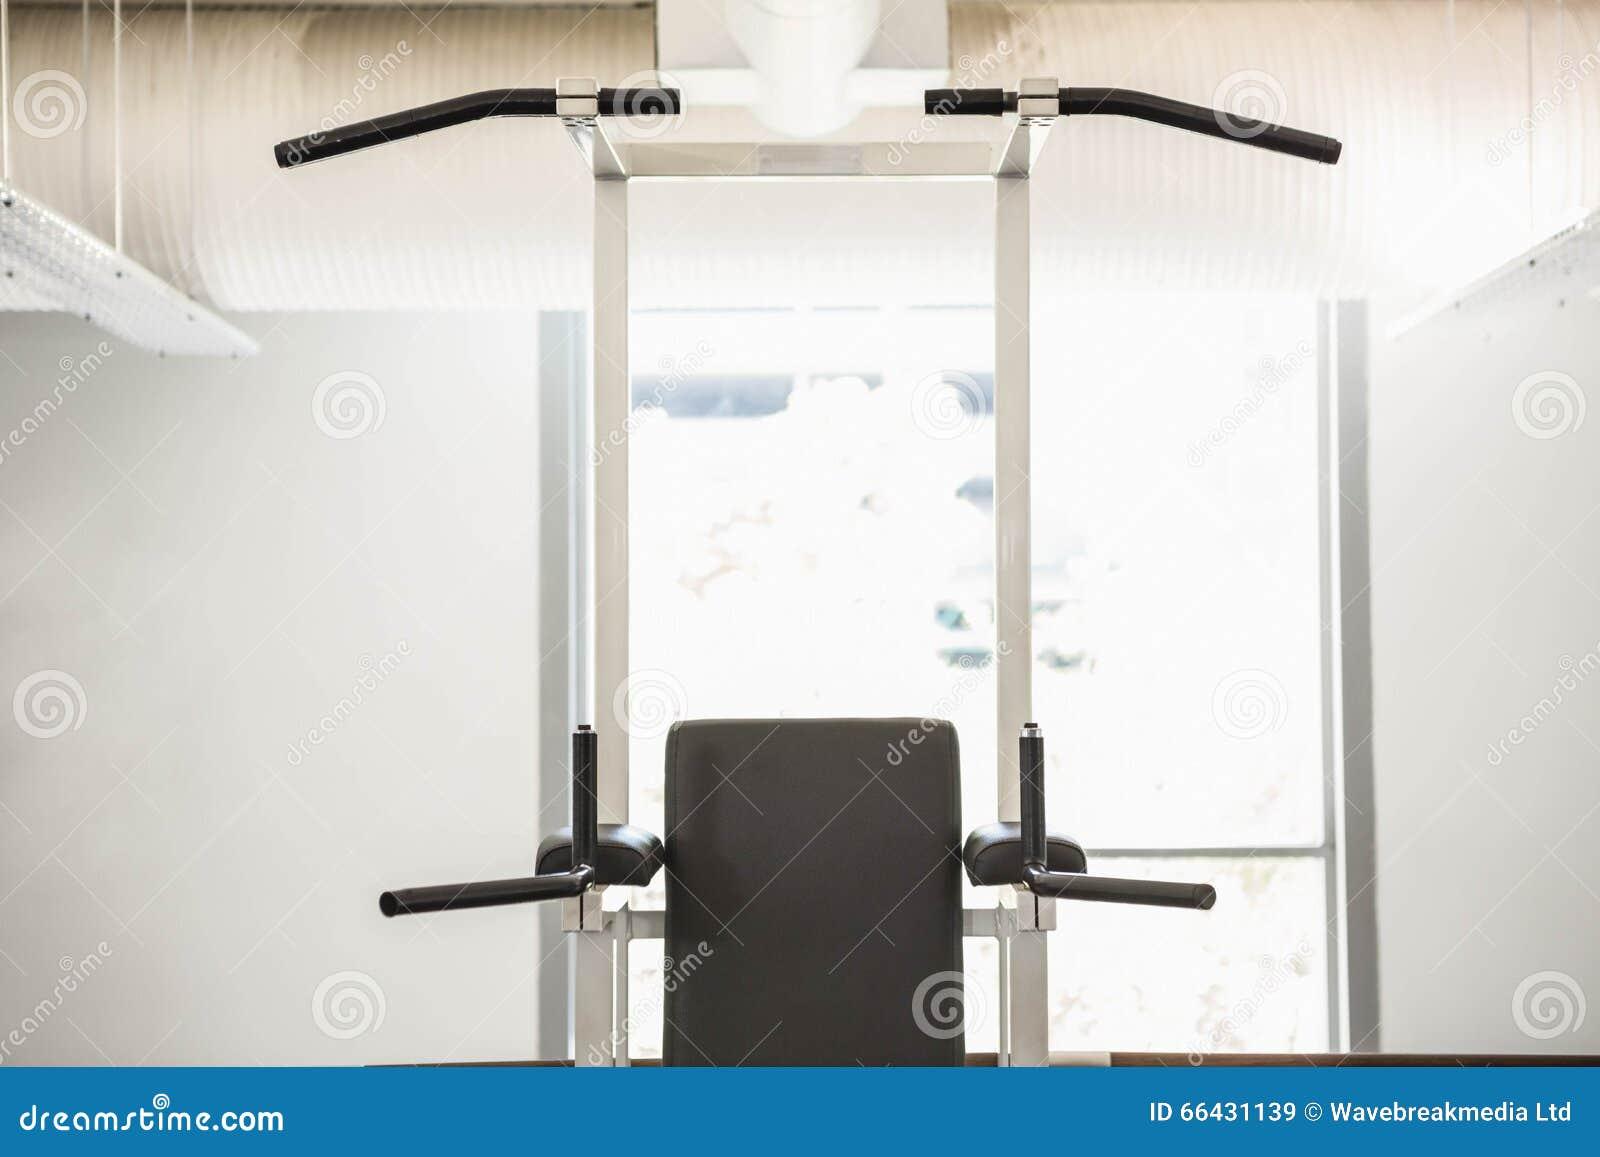 machine pull ups